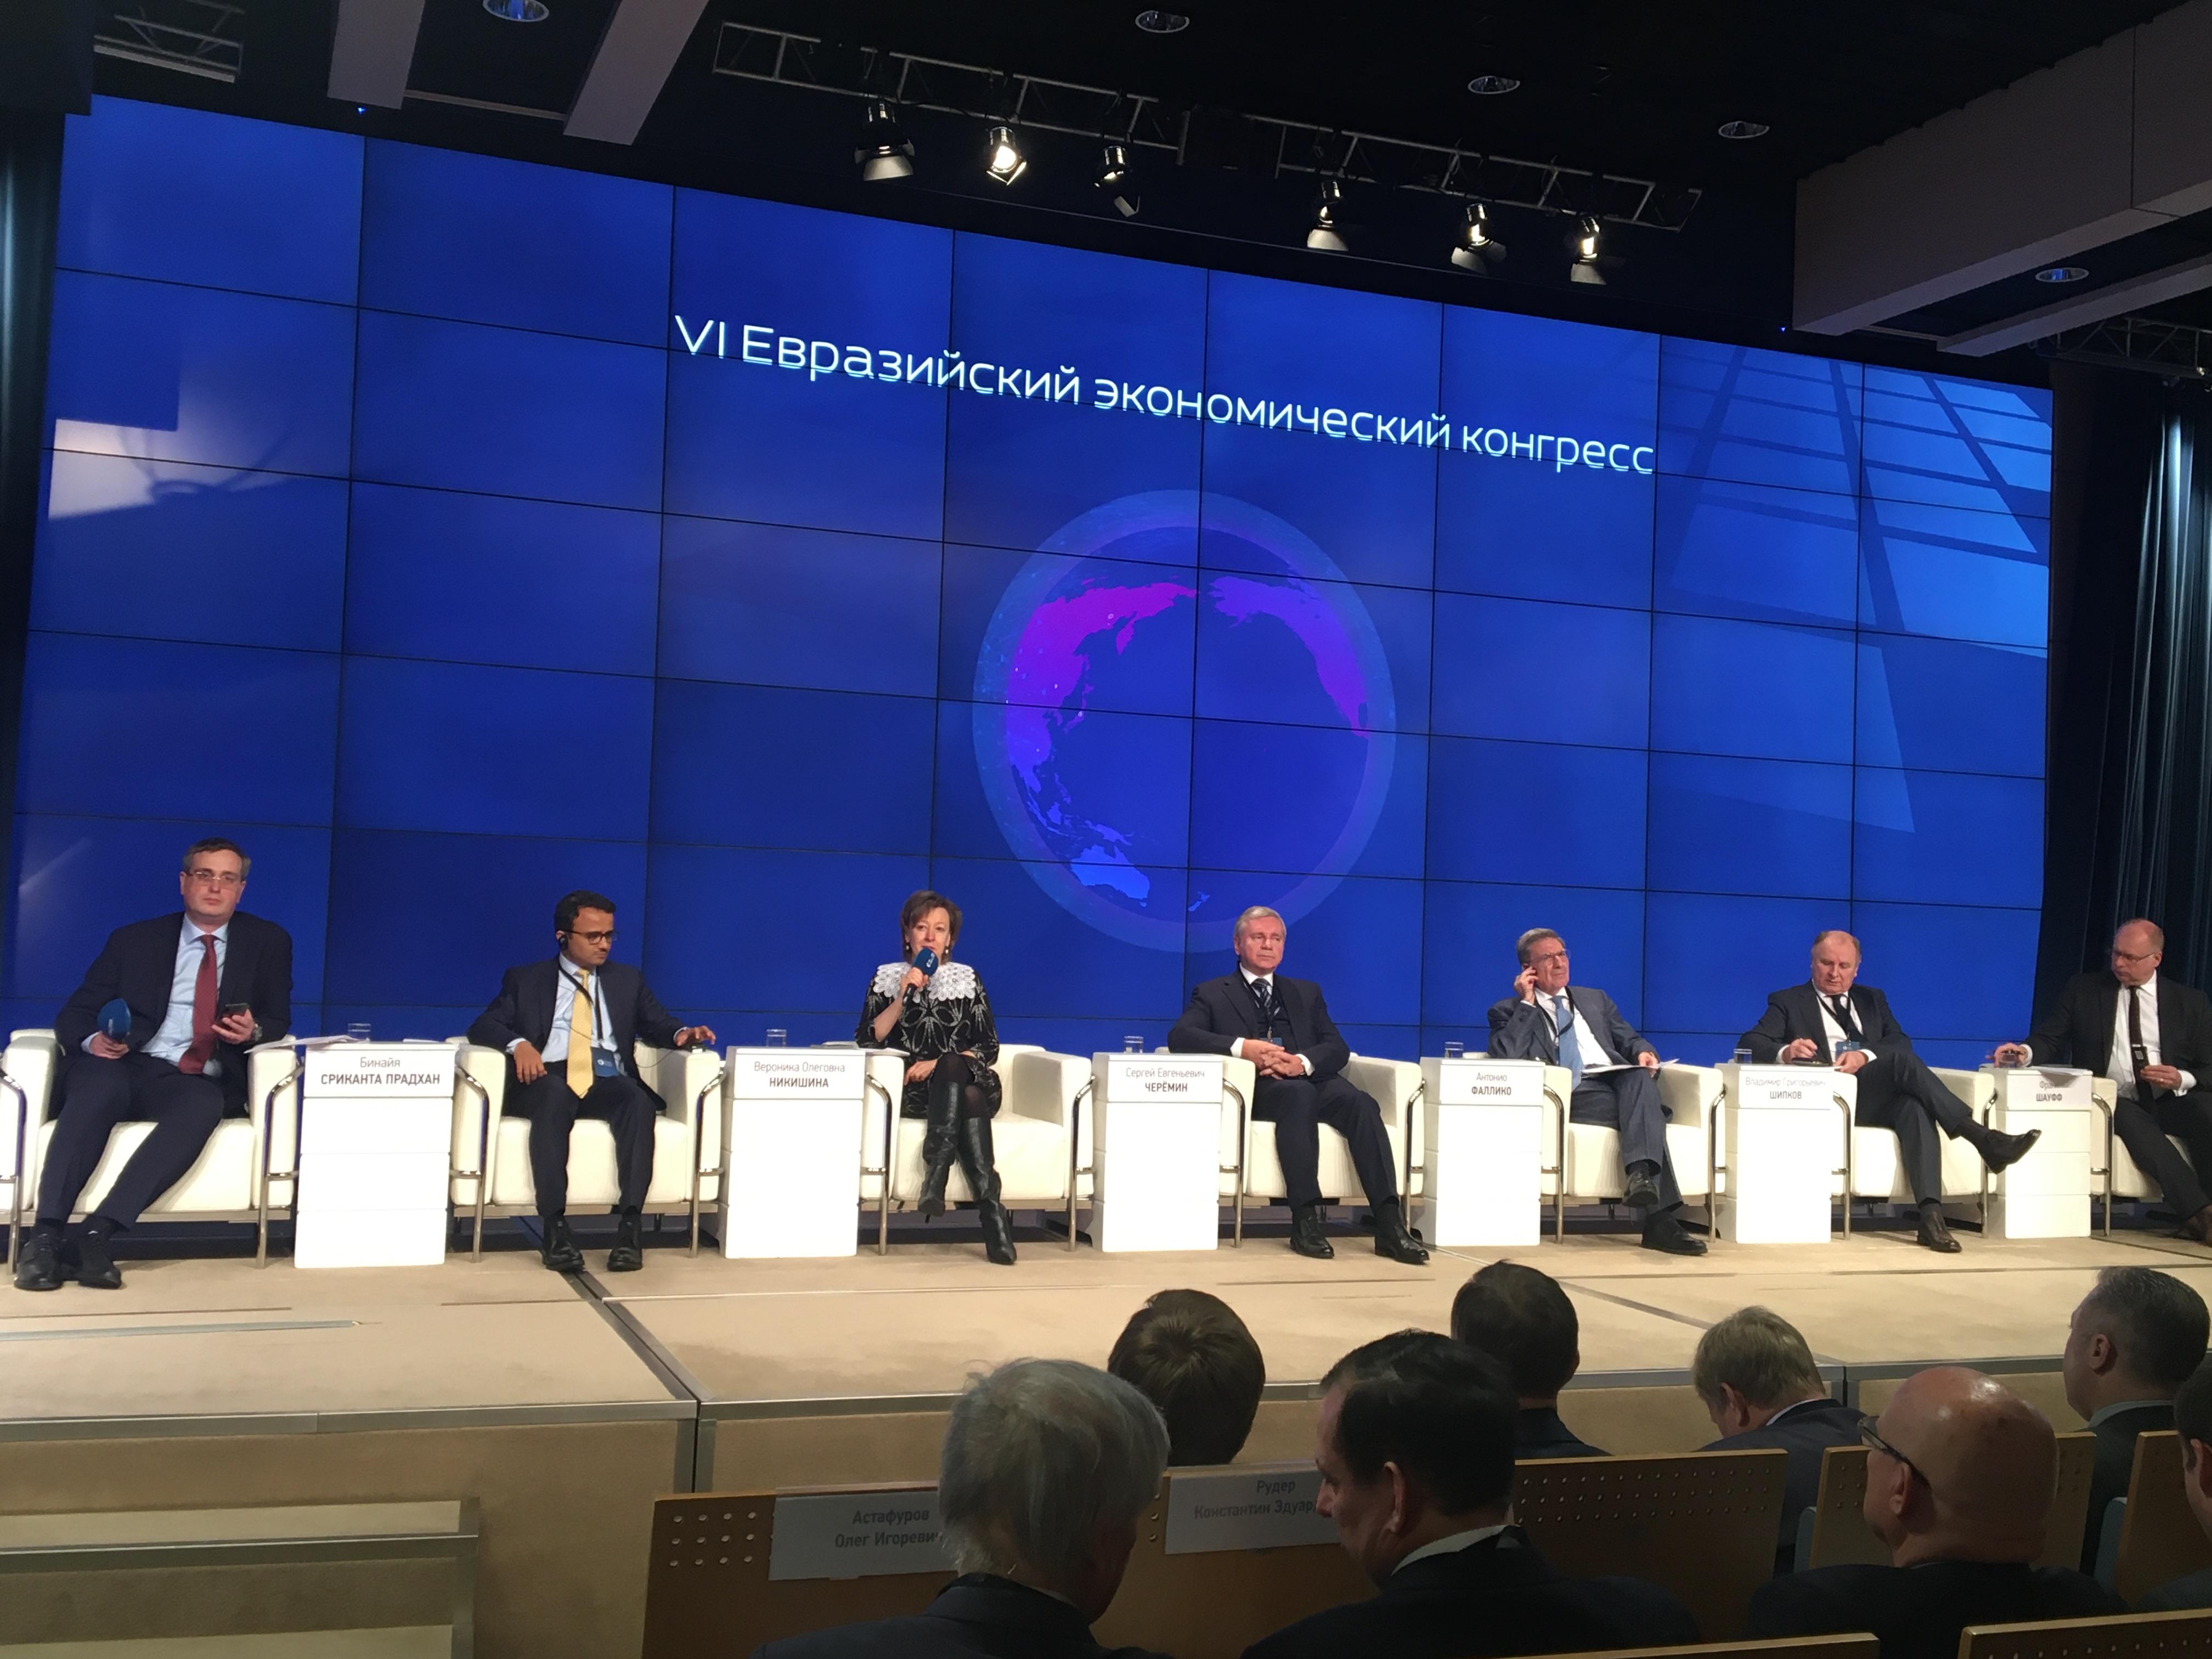 Министр ЕЭК Вероника Никишина: «Цель Союза – Большое Евразийское пространство в интересах бизнеса»